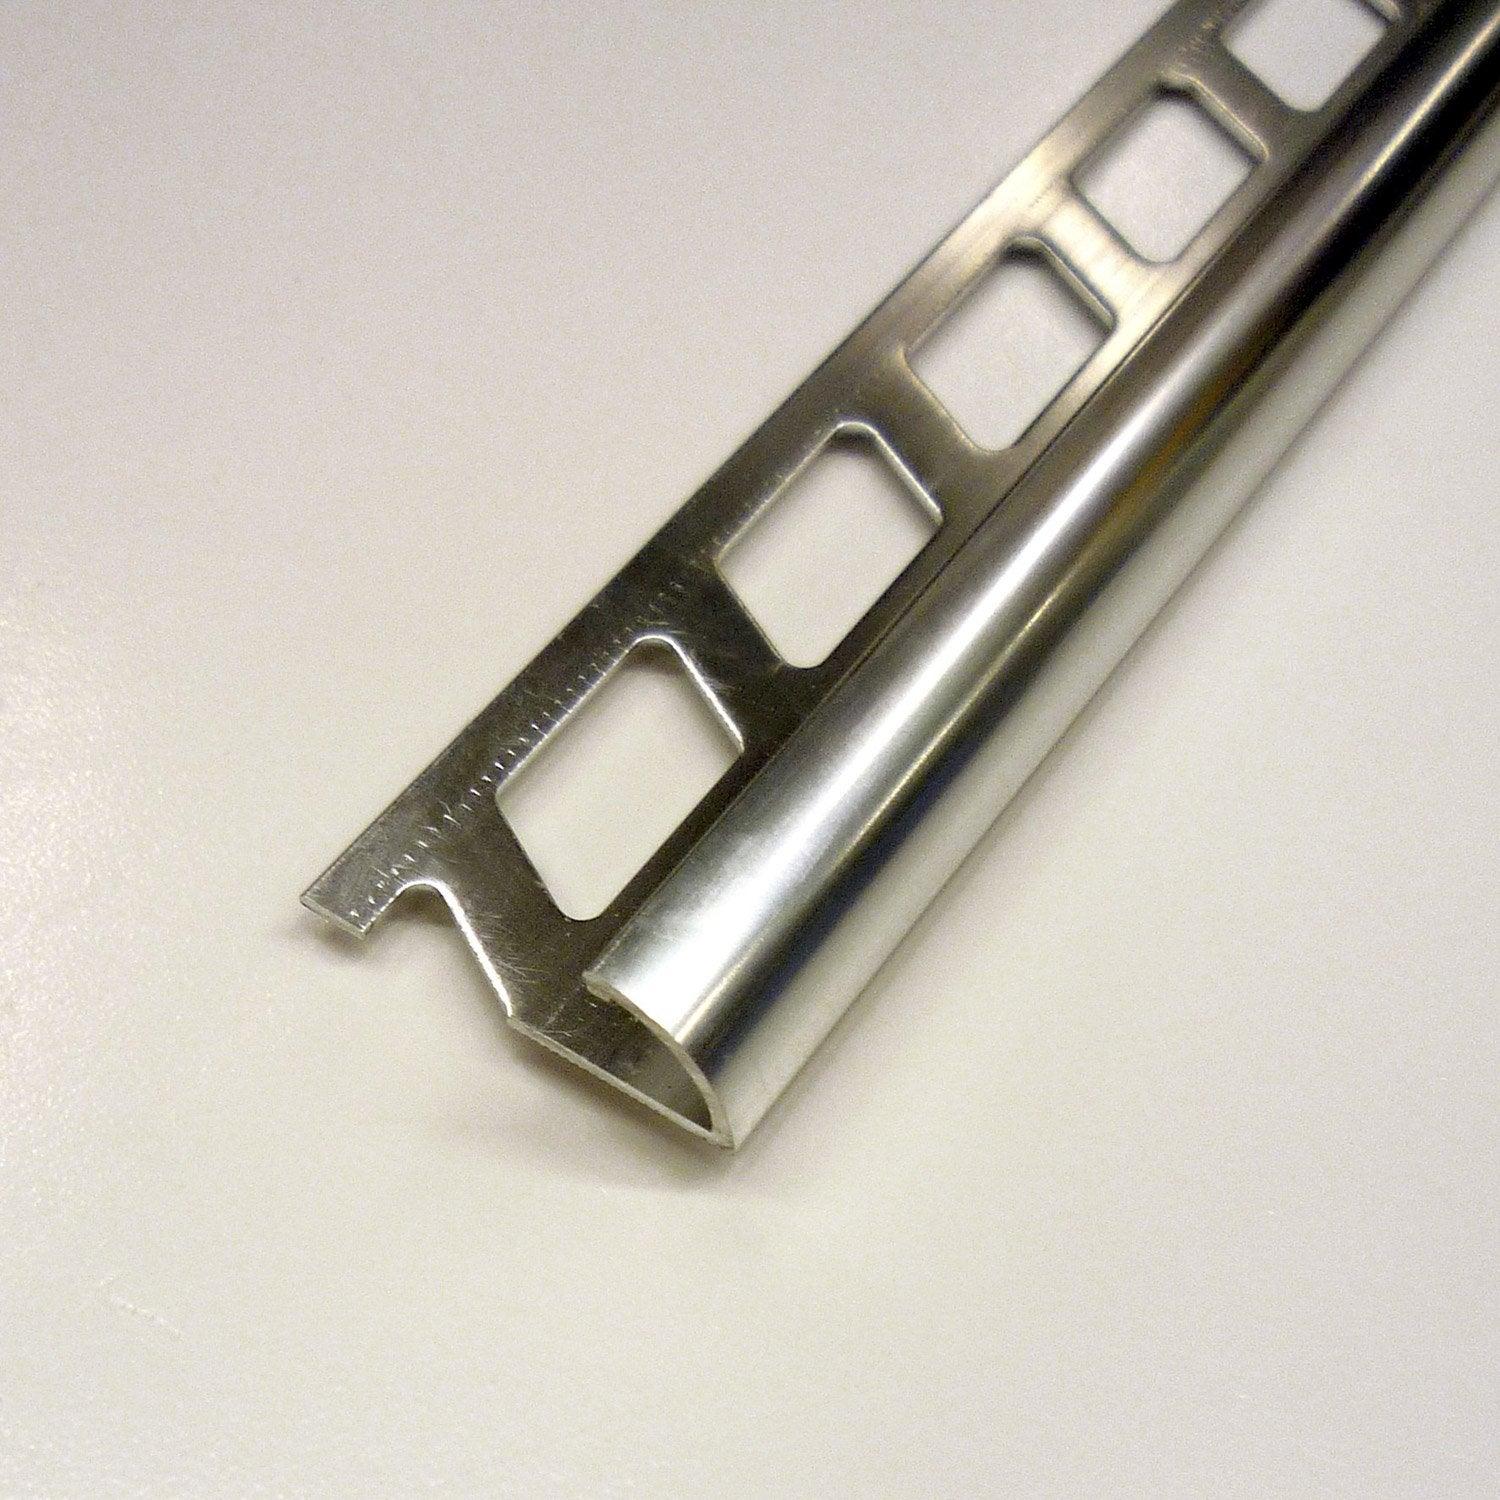 Quart de rond carrelage mur aluminium anodis l 2 5 m x for Baguette d angle carrelage